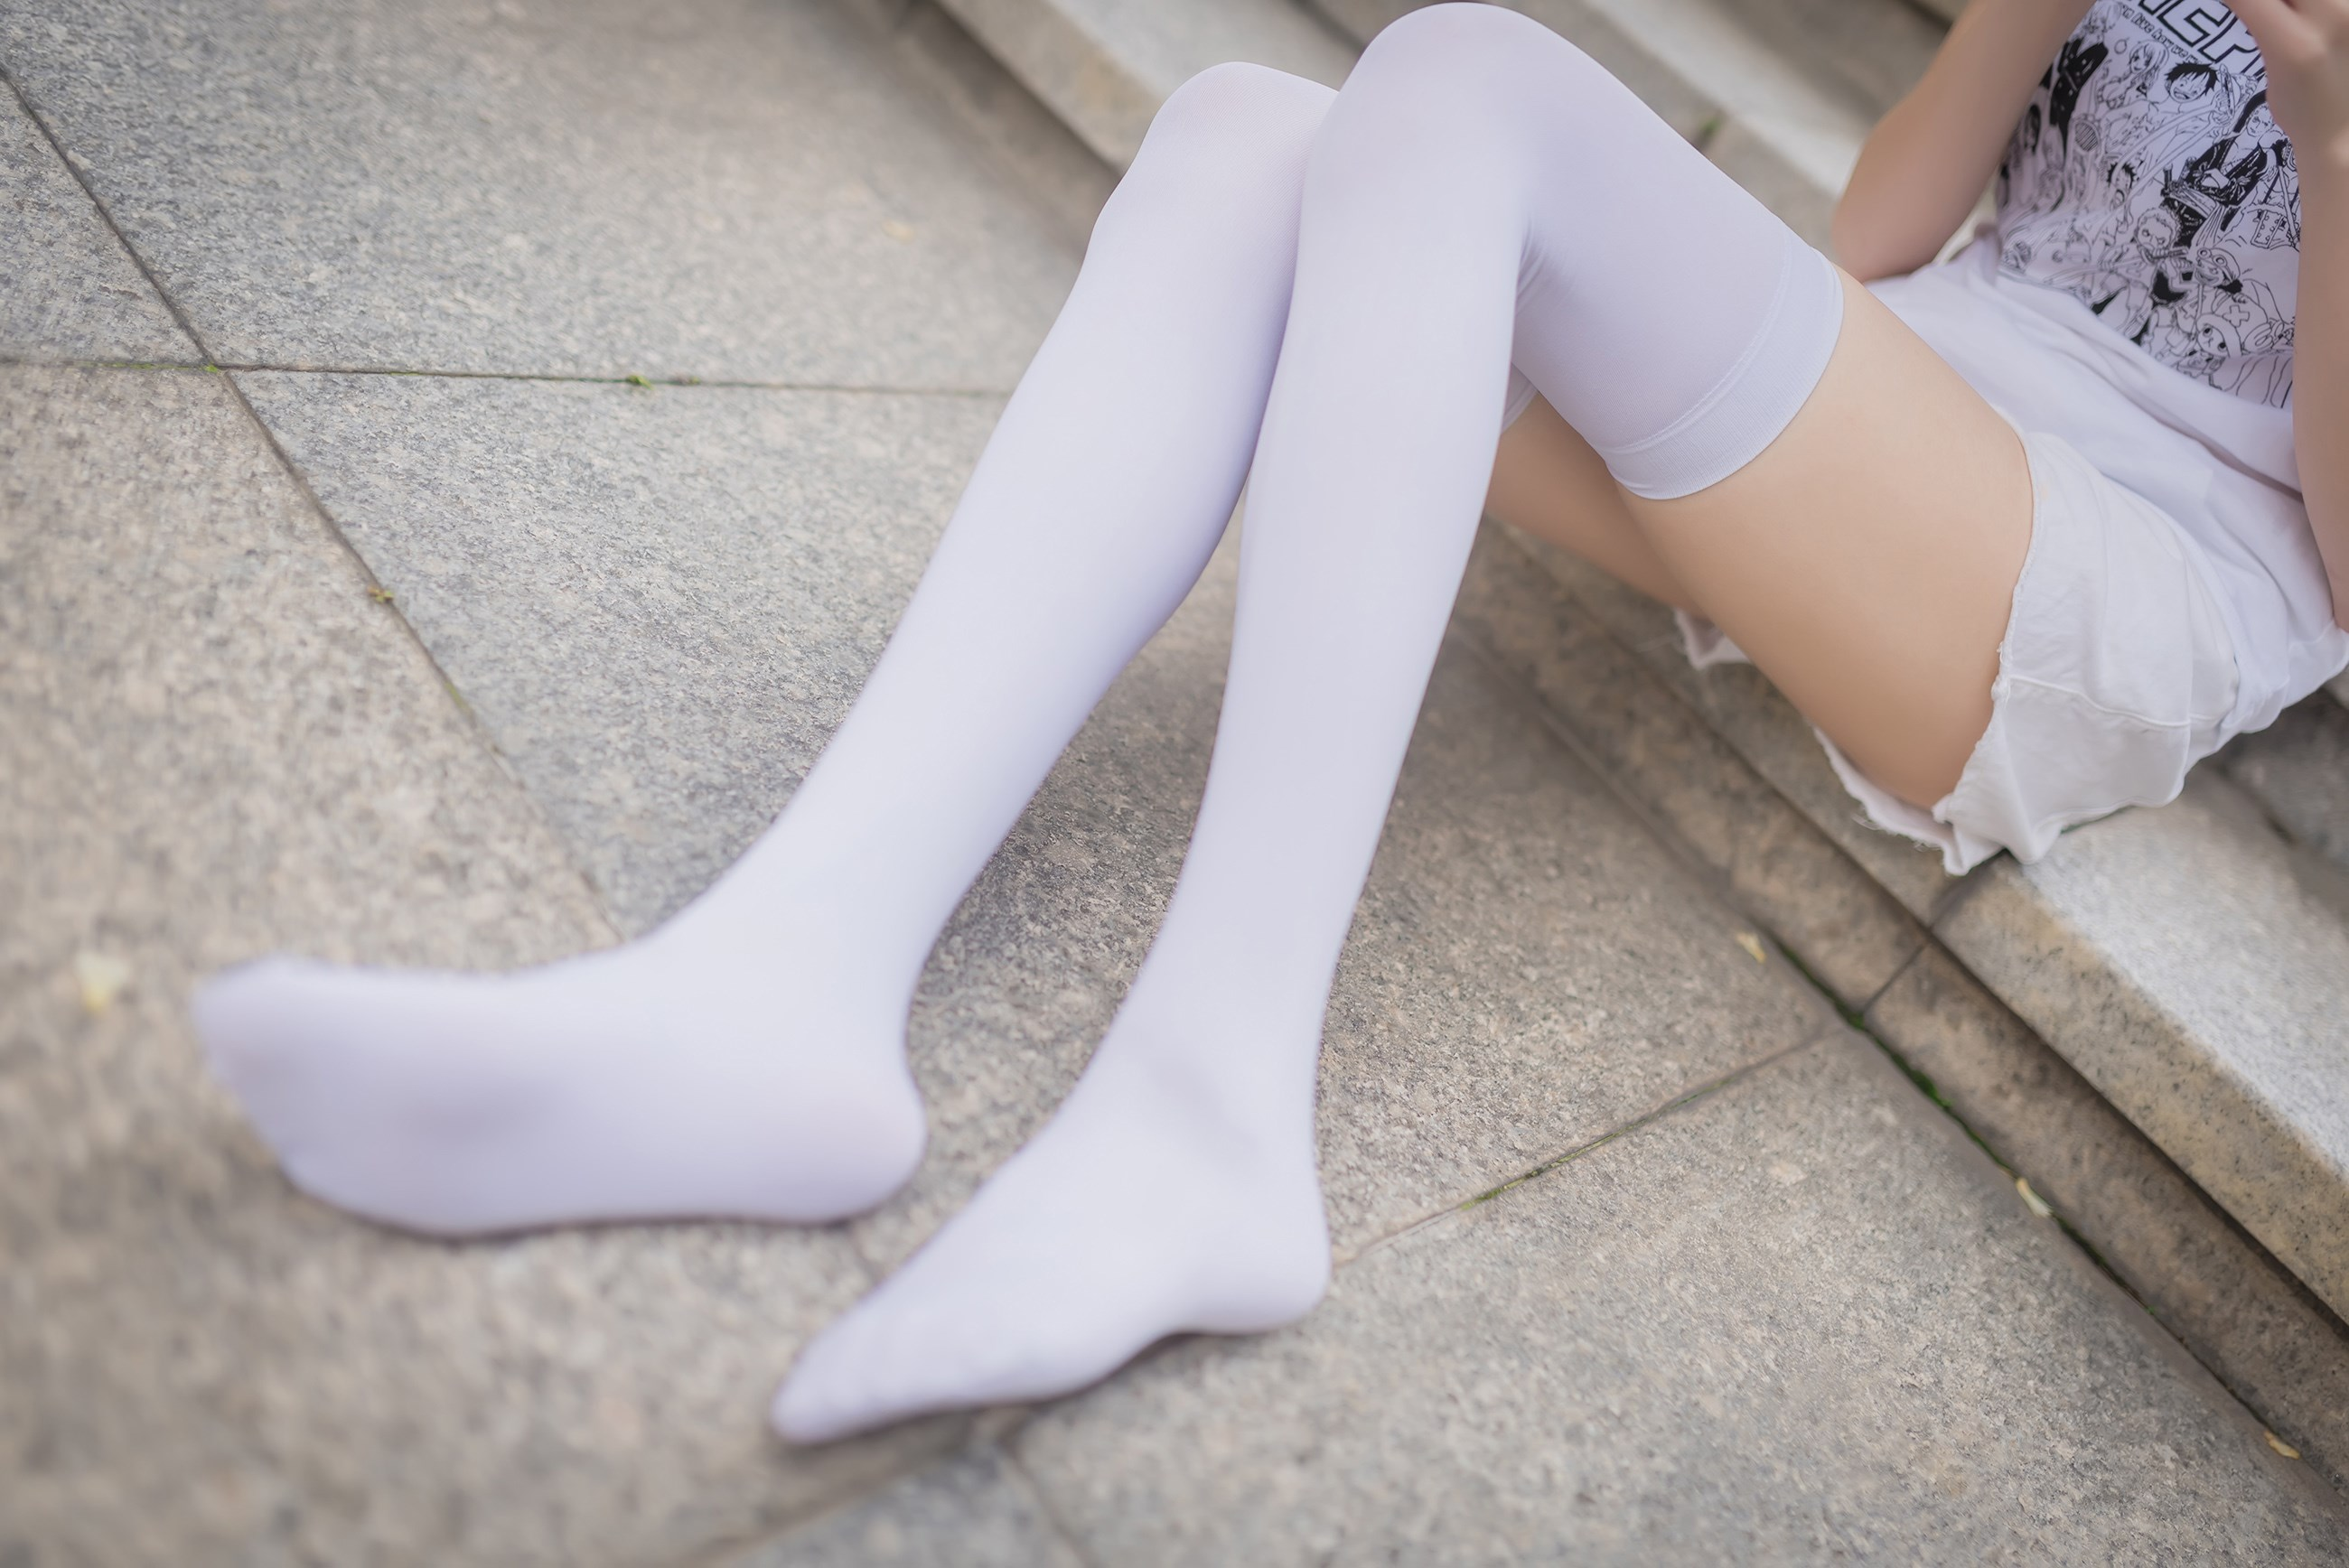 【兔玩映画】白丝过膝袜 兔玩映画 第9张